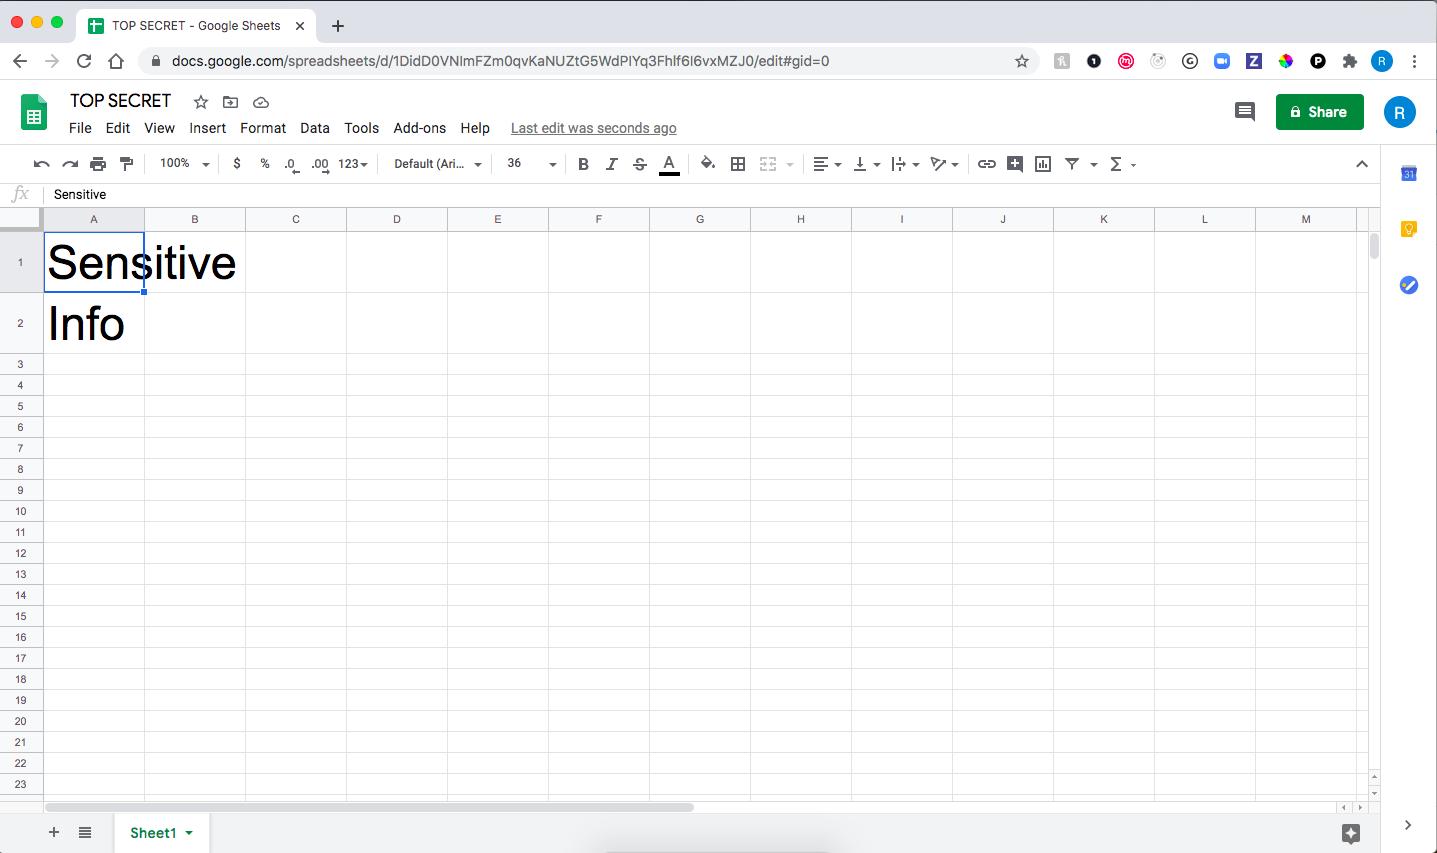 Cách bảo vệ tài liệu Google Docs, Slides, Sheets khi chia sẻ